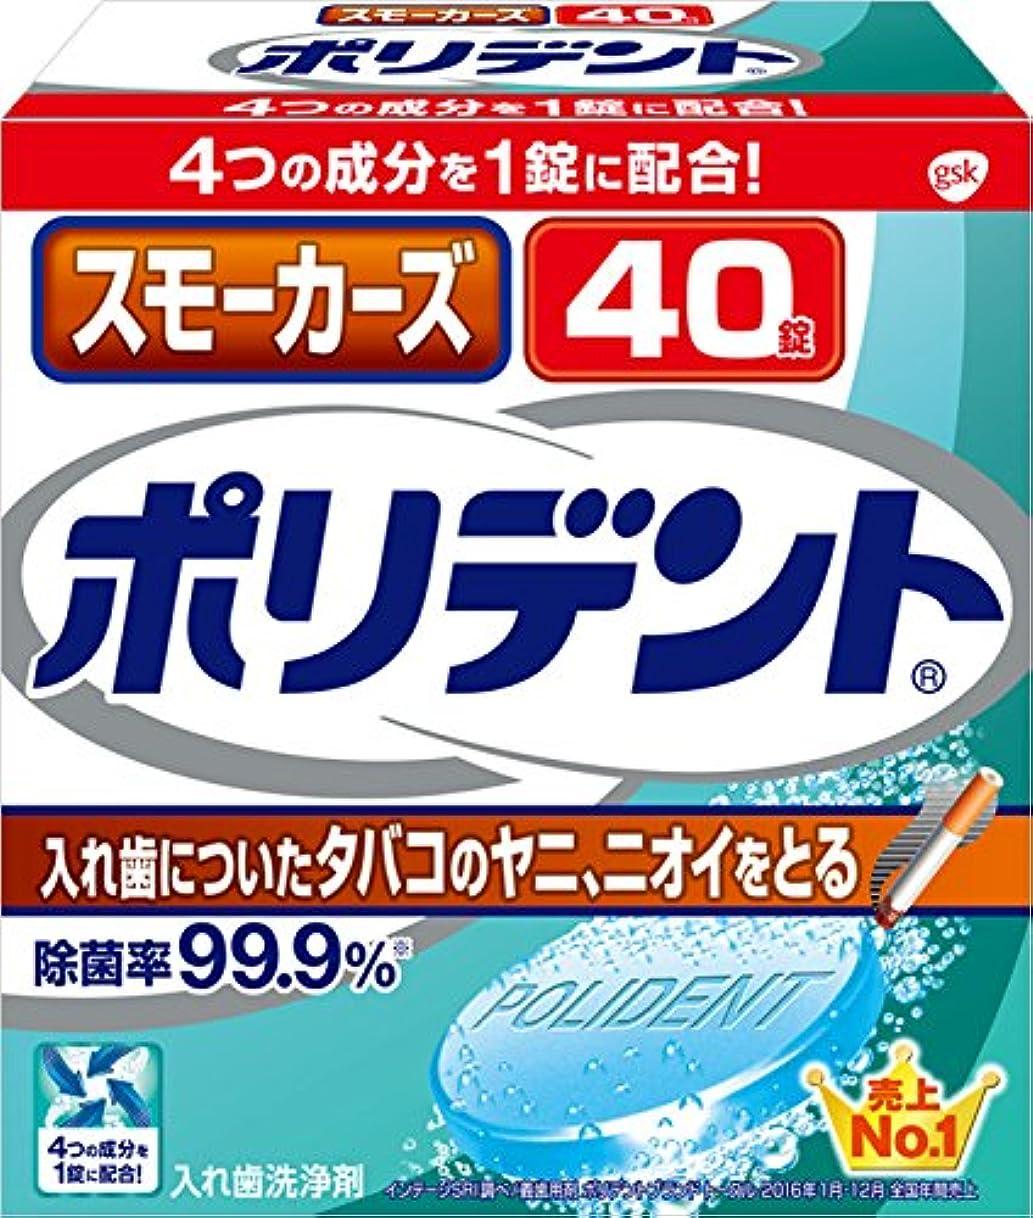 モックトランジスタ入場料入れ歯洗浄剤 スモーカーズ ポリデント 40錠